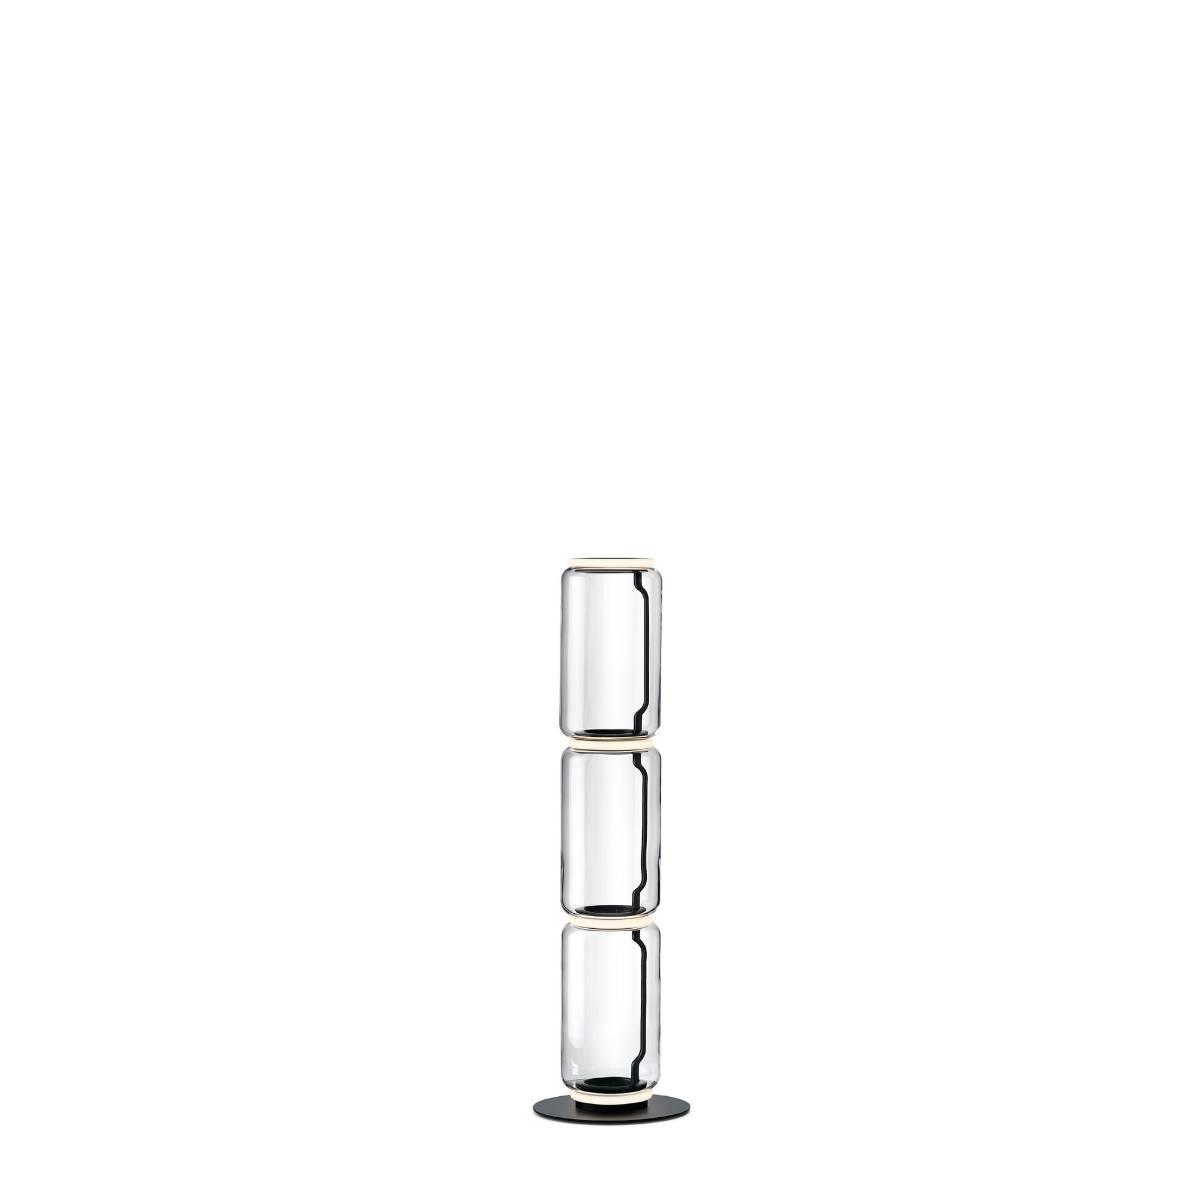 Flos Noctambule F3 Low Cylinders Small Base Vloerlamp